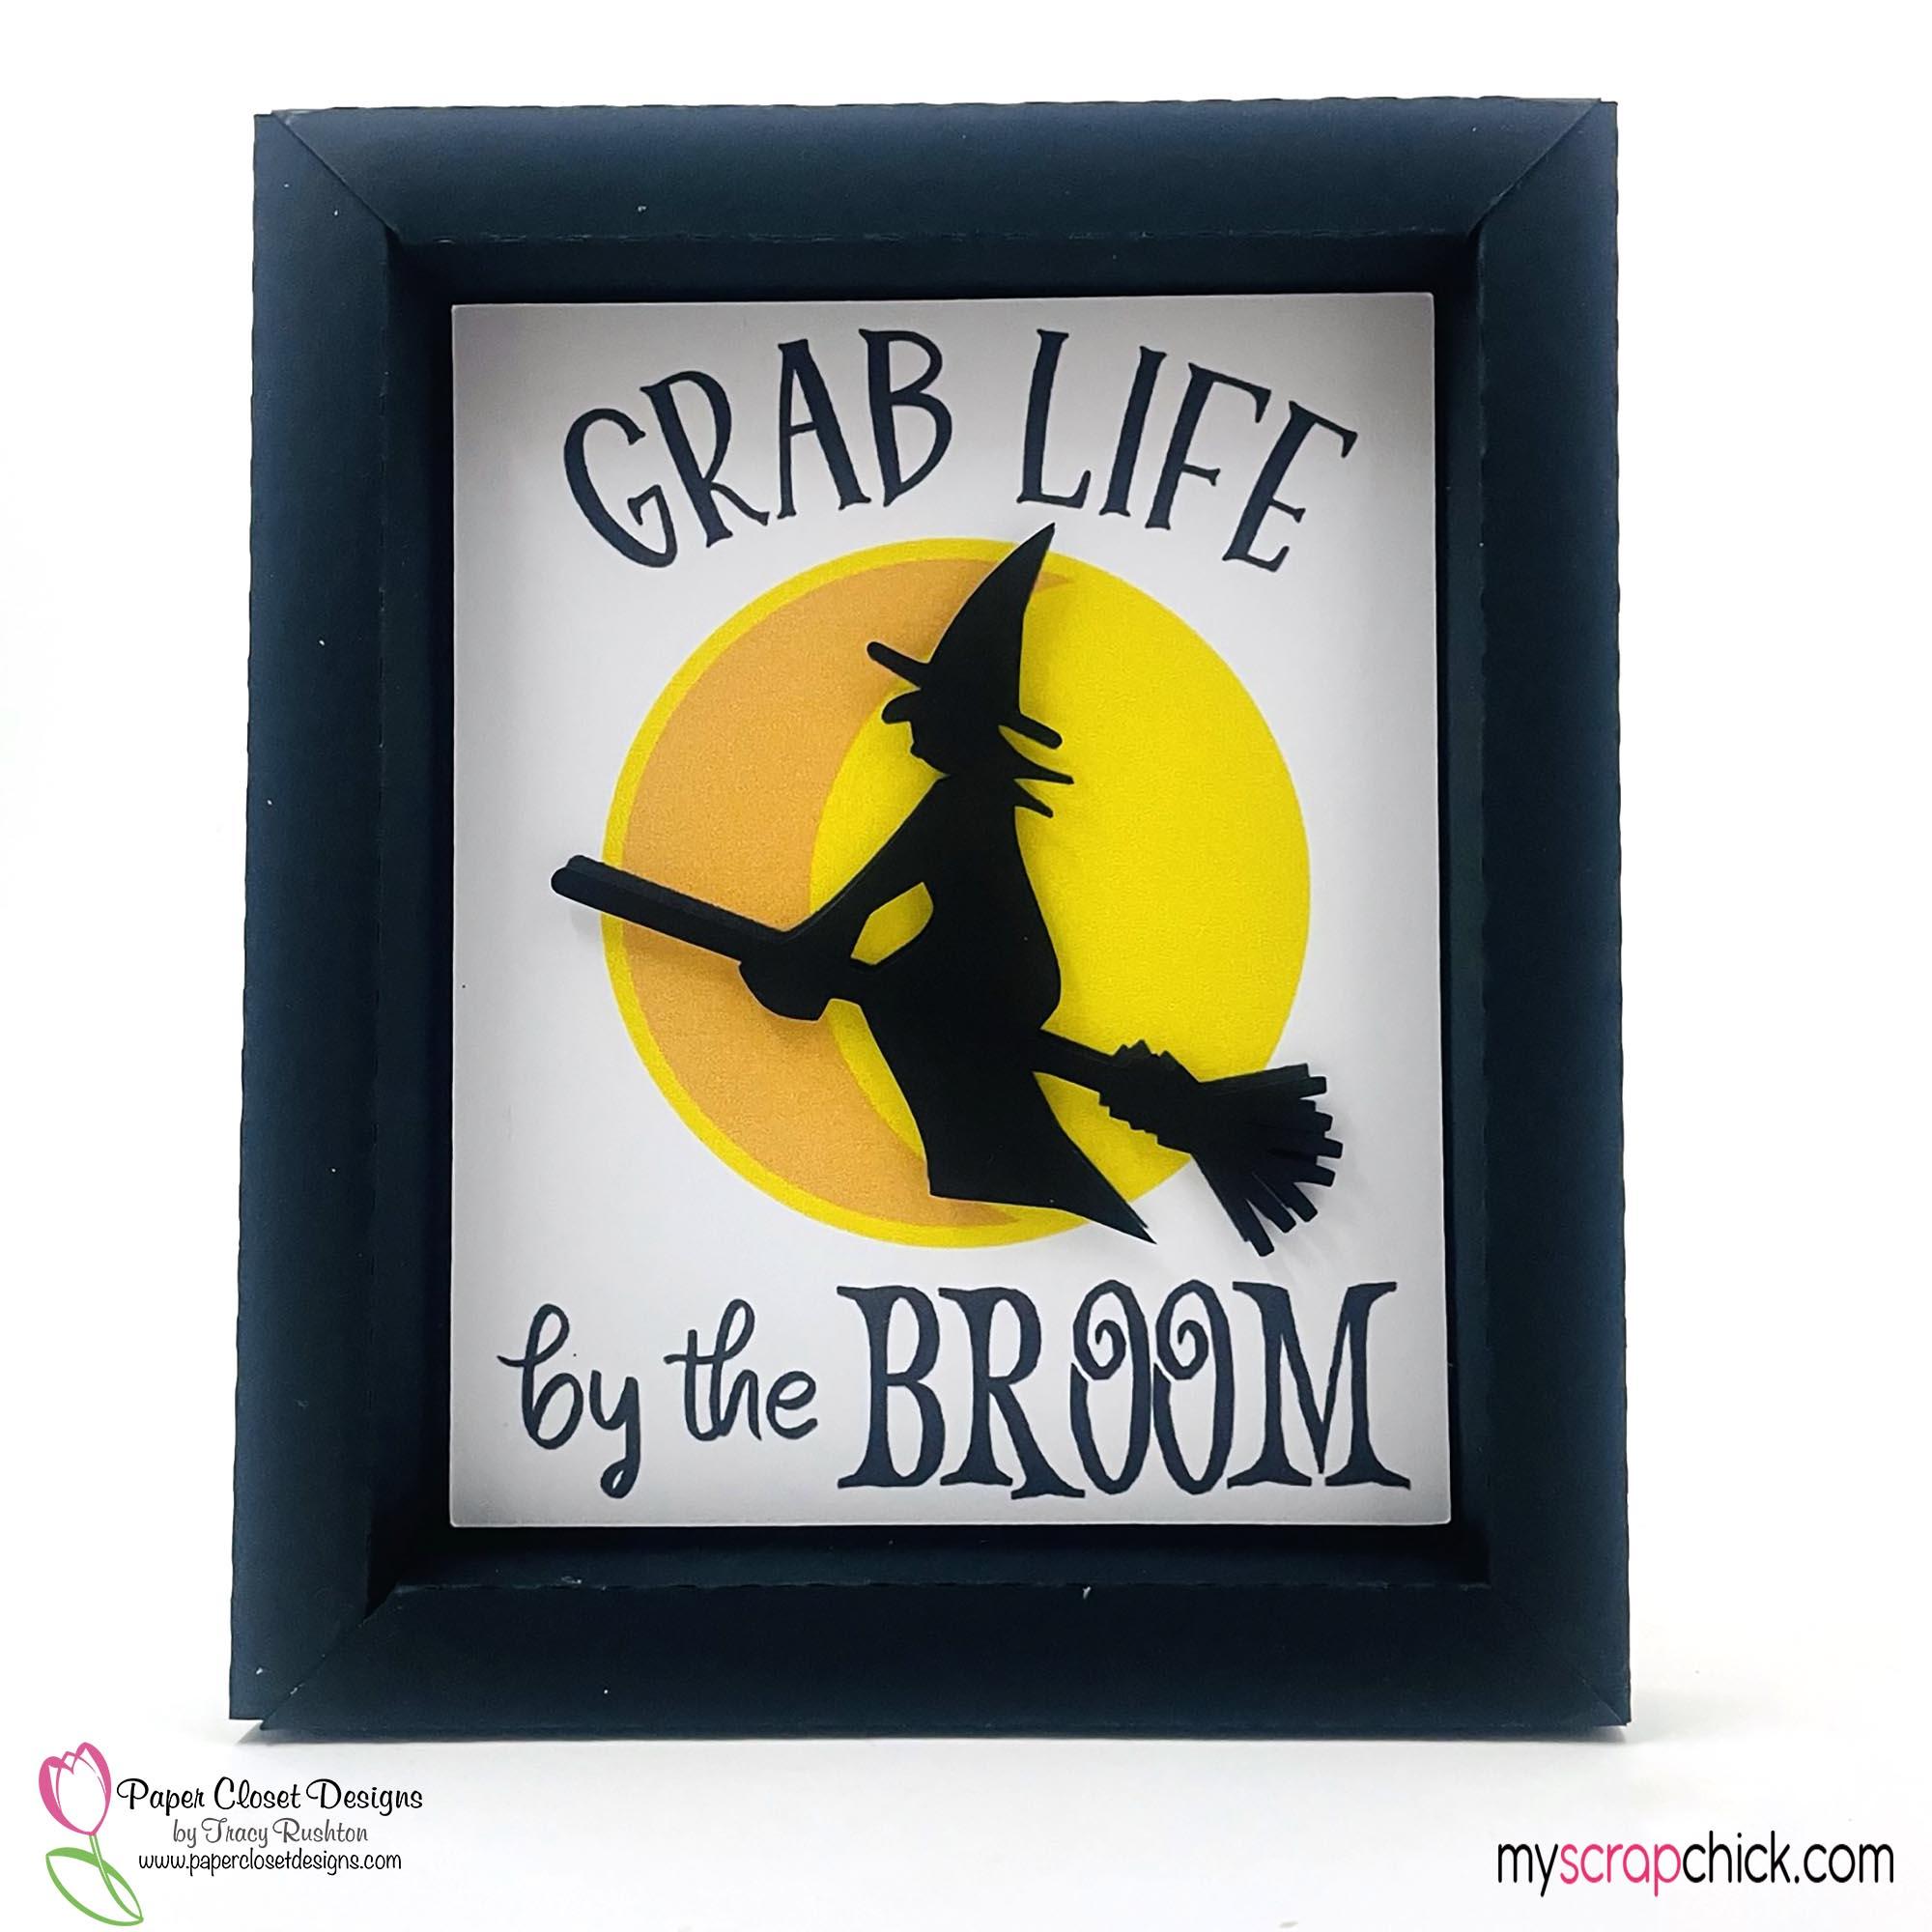 Grab Life by the broom shadow box